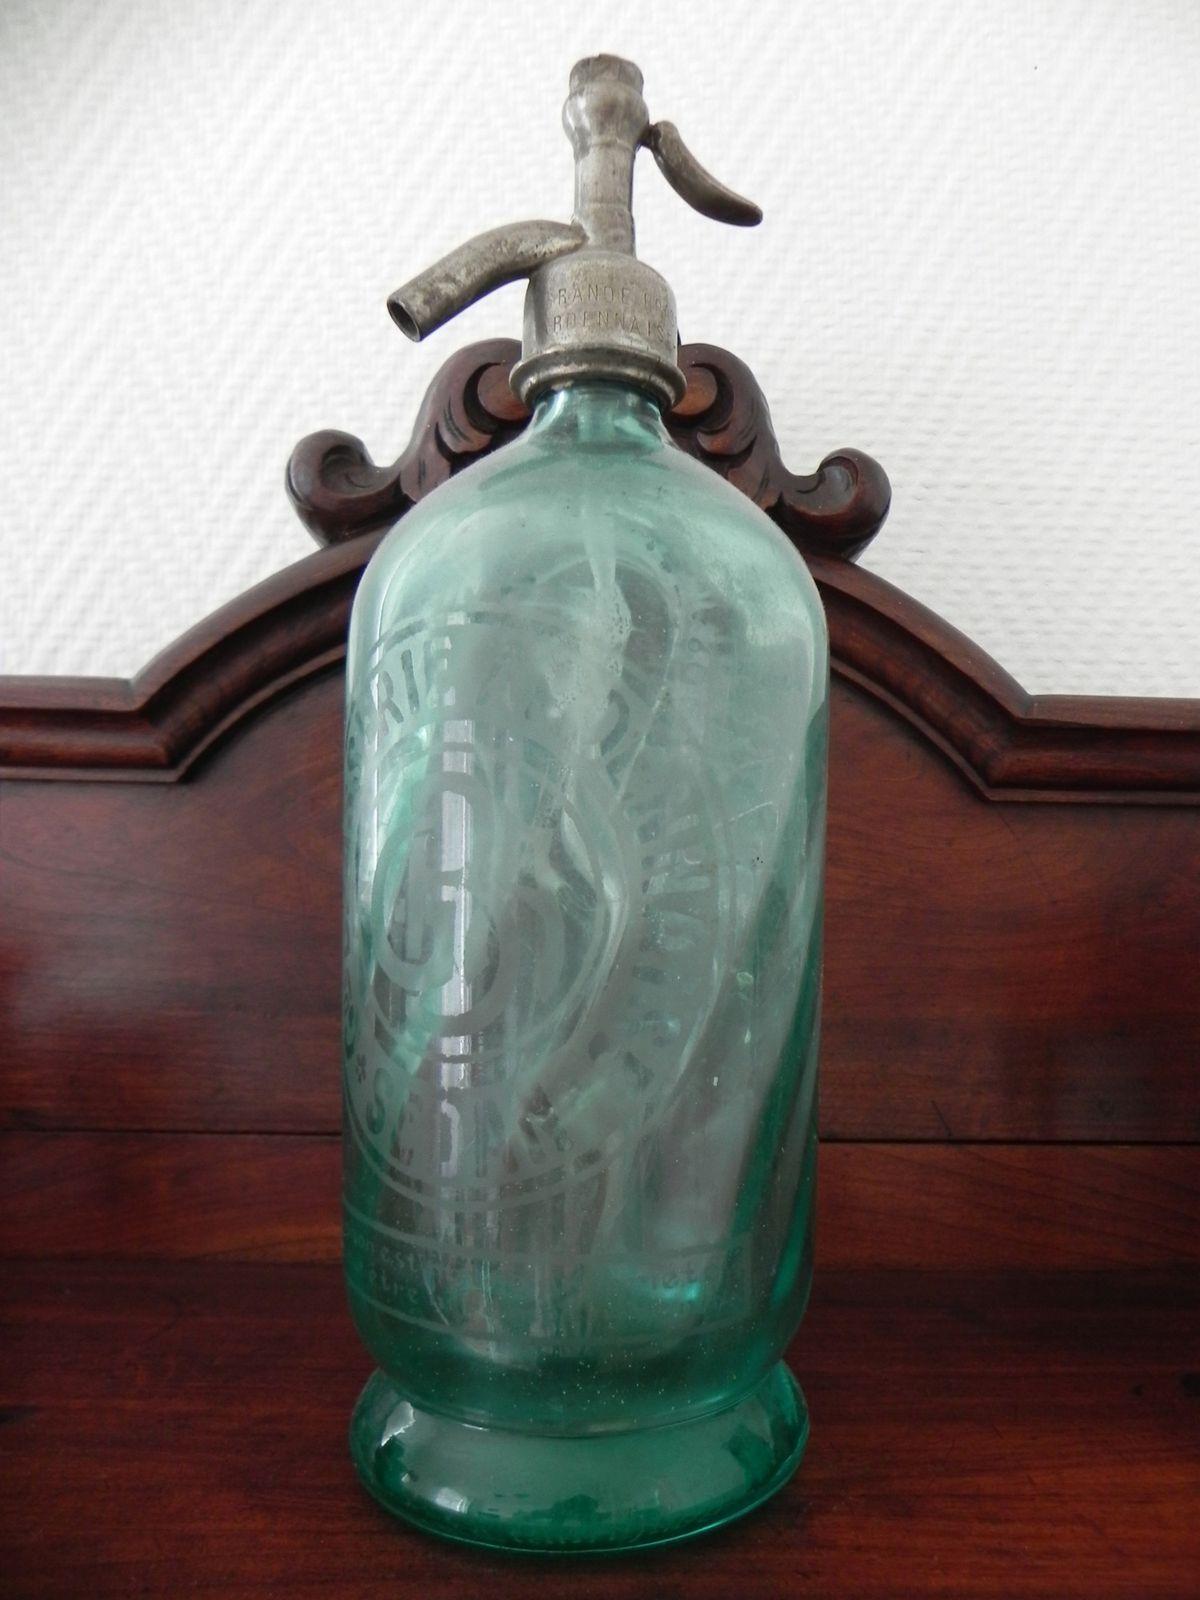 Syphon de bar ancien, avec l'inscription Brasserie Ardennaise.